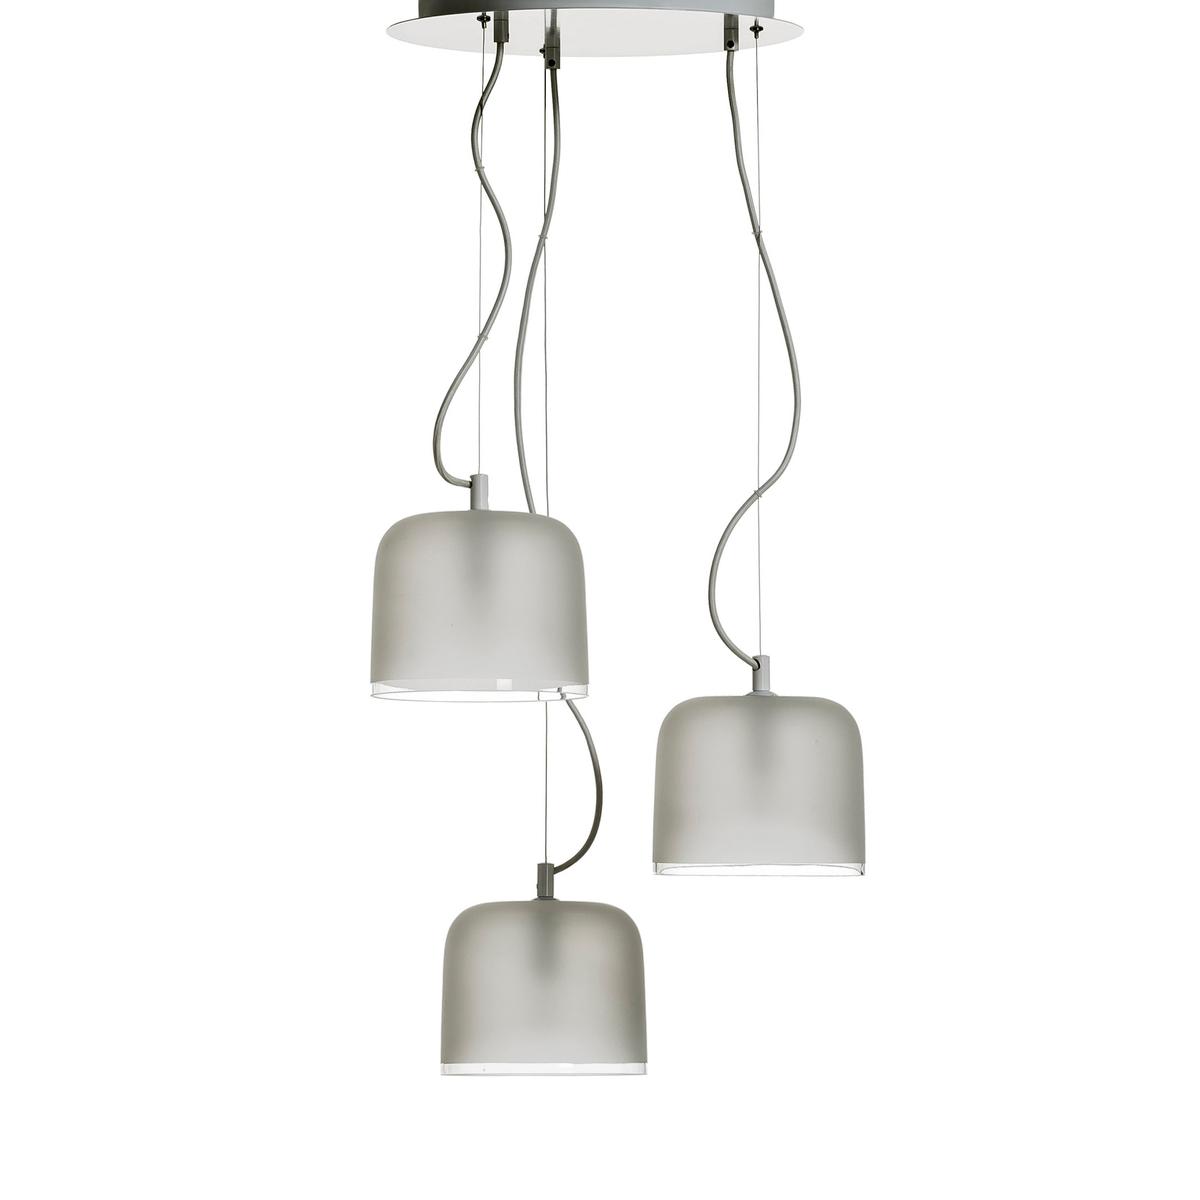 Светильник Zella с 3 абажурами, дизайн Э . Галлины